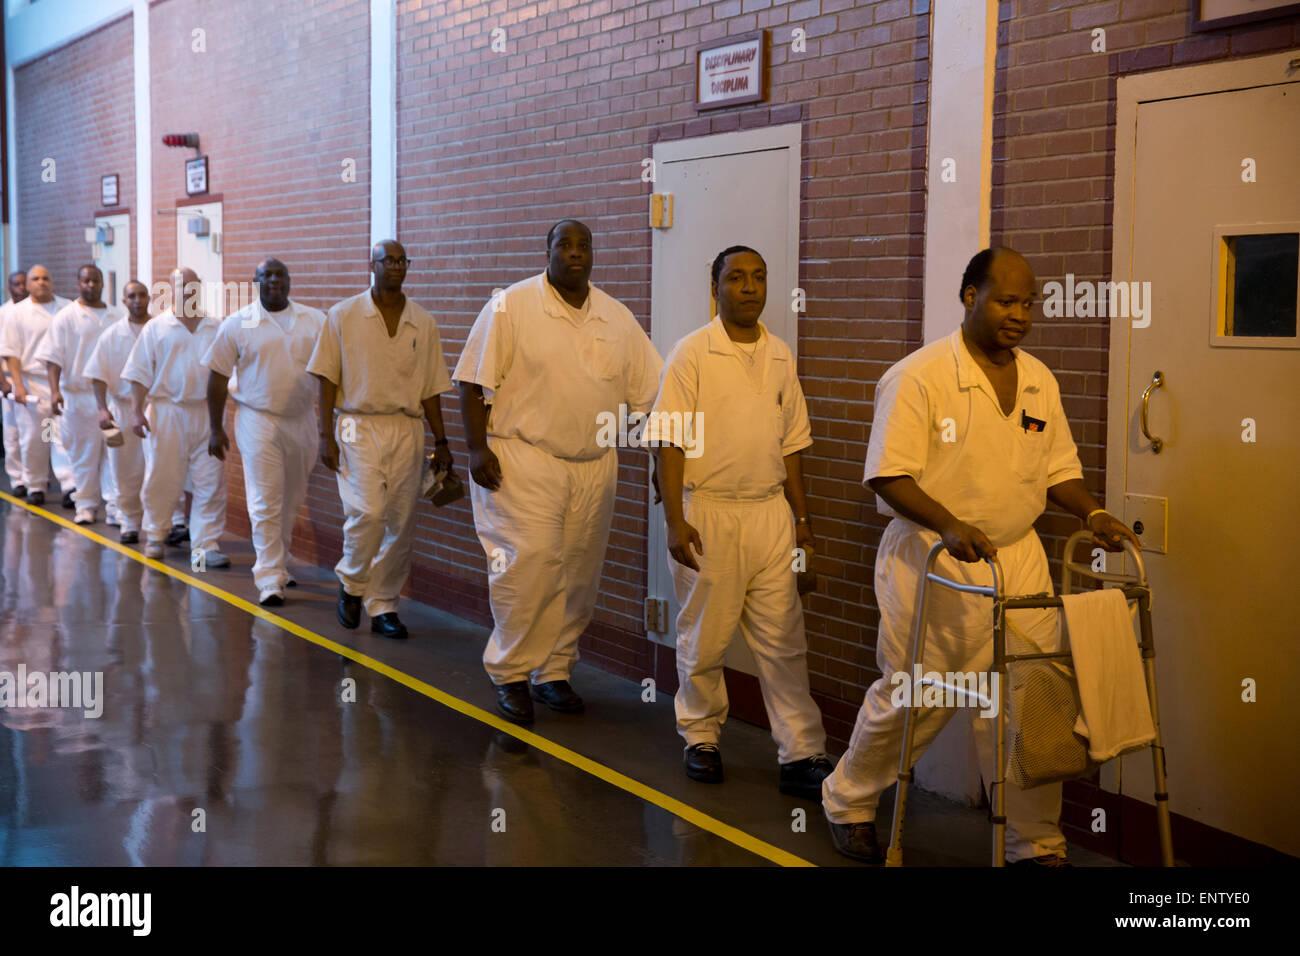 Männliche Häftlinge in das Hochsicherheitsgefängnis Darrington Einheit in Rosharon, Texas, wo sie Stockbild